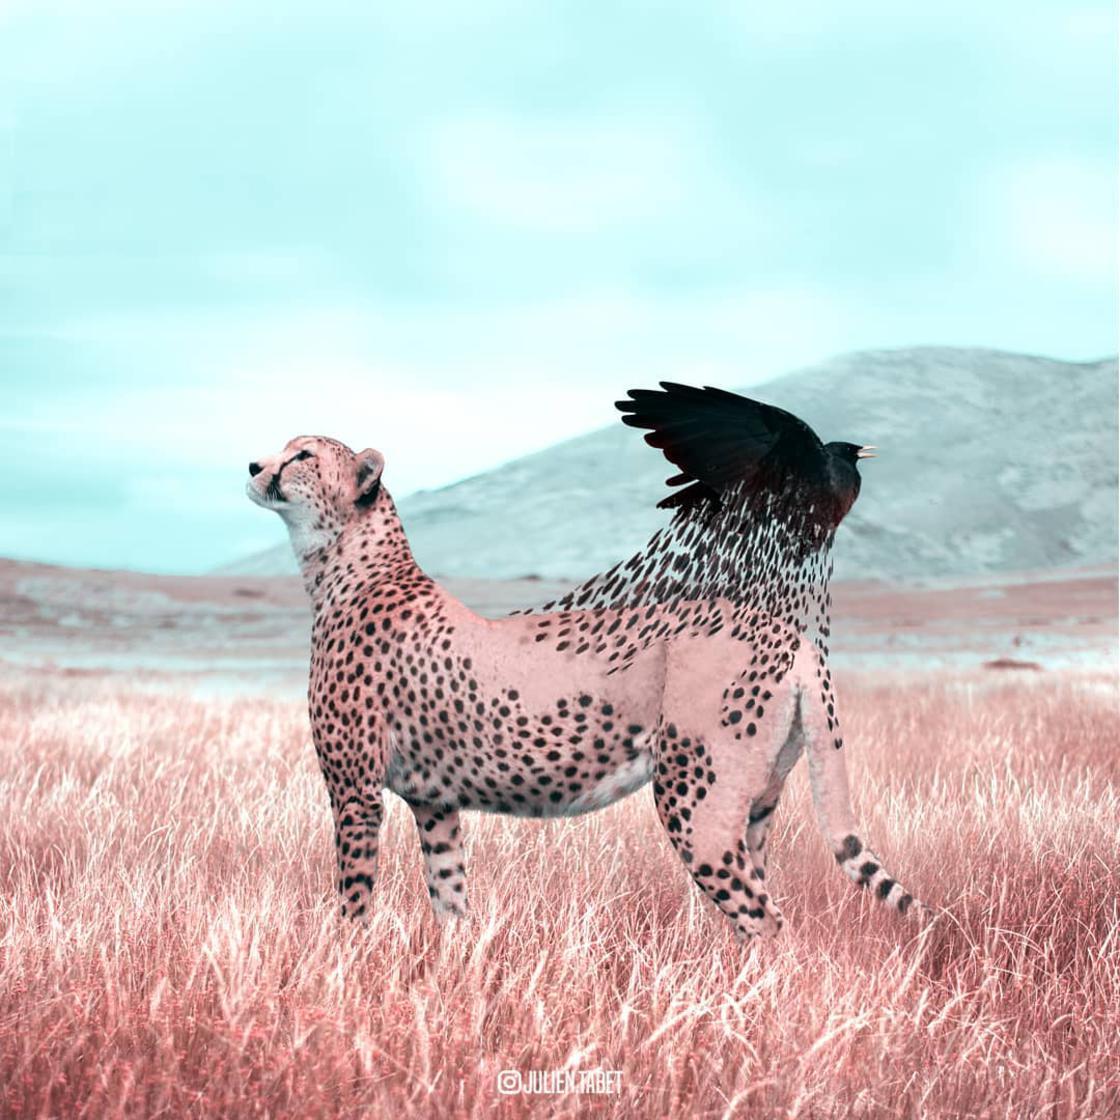 animaux-fantastiques-julien-tabet-18.jpg